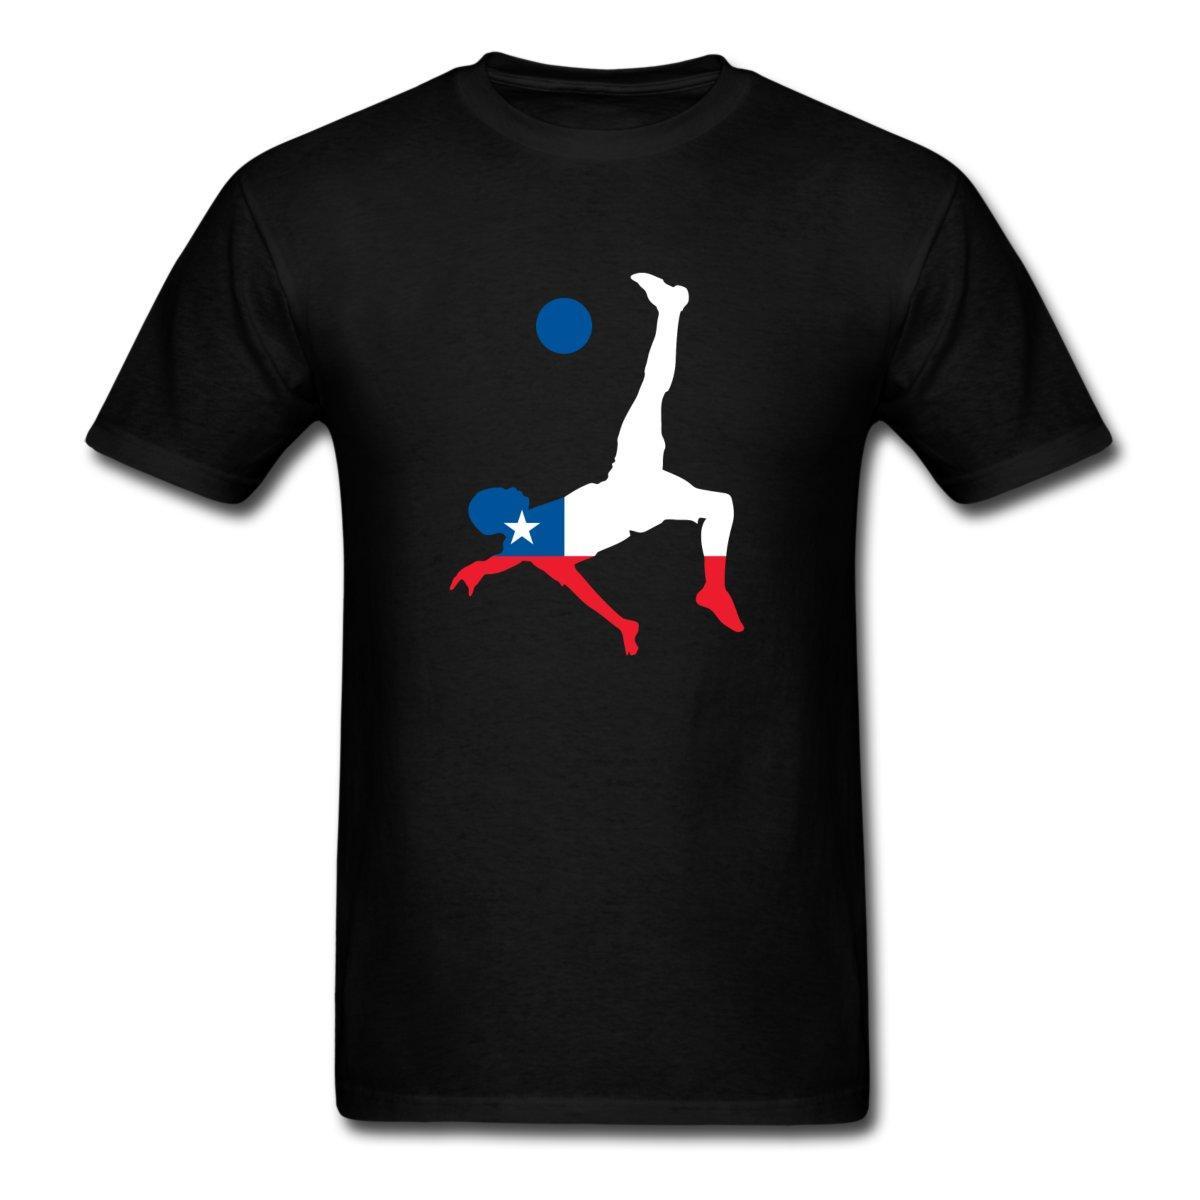 Camiseta clásica de algodón para hombres de cuello redondo soccing EE.UU. hombres de manga corta de manga corta de algodón de la manera envío